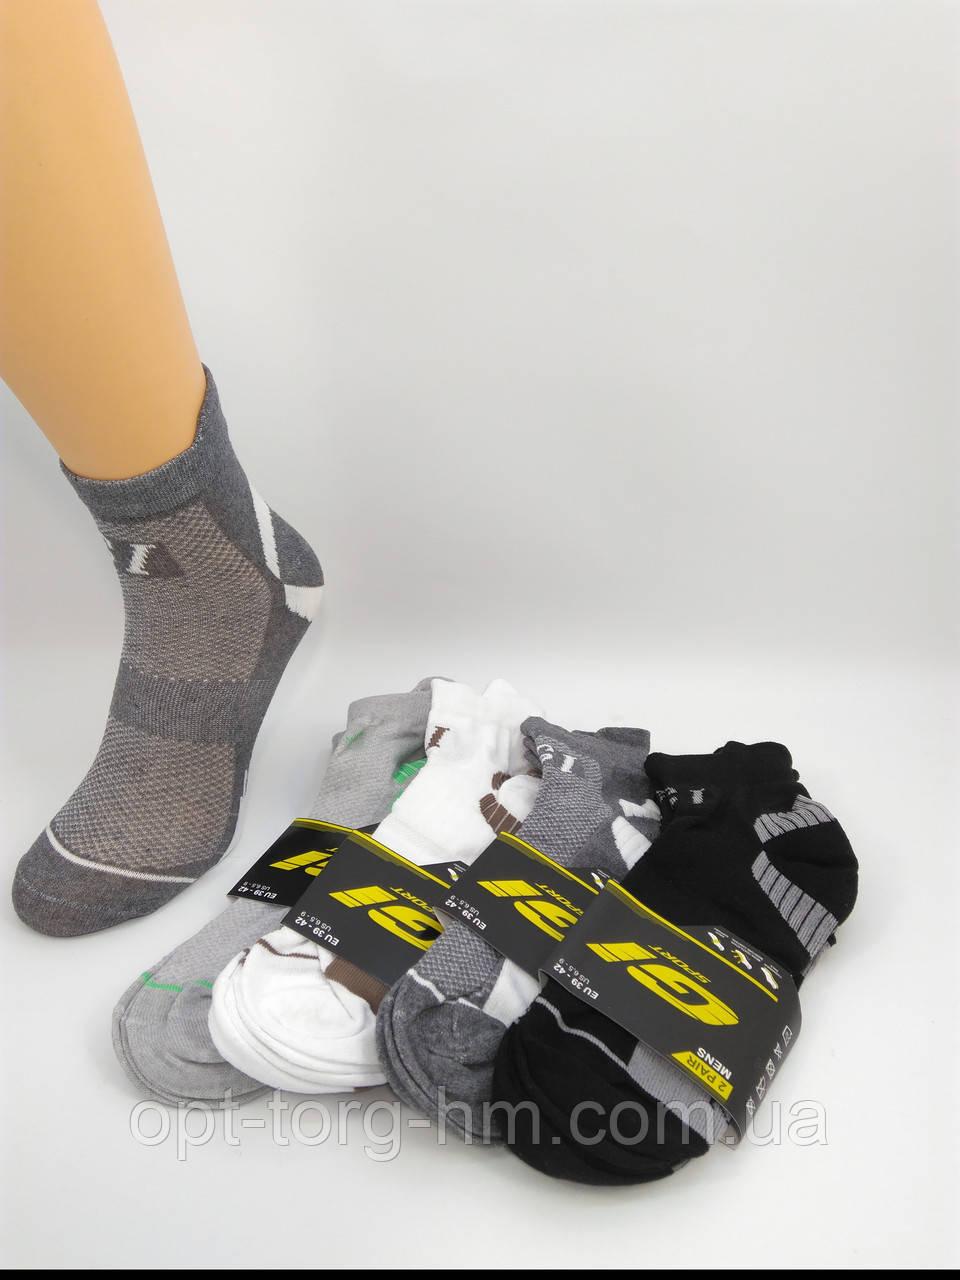 """Спортивні чоловічі шкарпетки сітка """"GI SPORT"""" 29-31 (43-45 взуття)"""